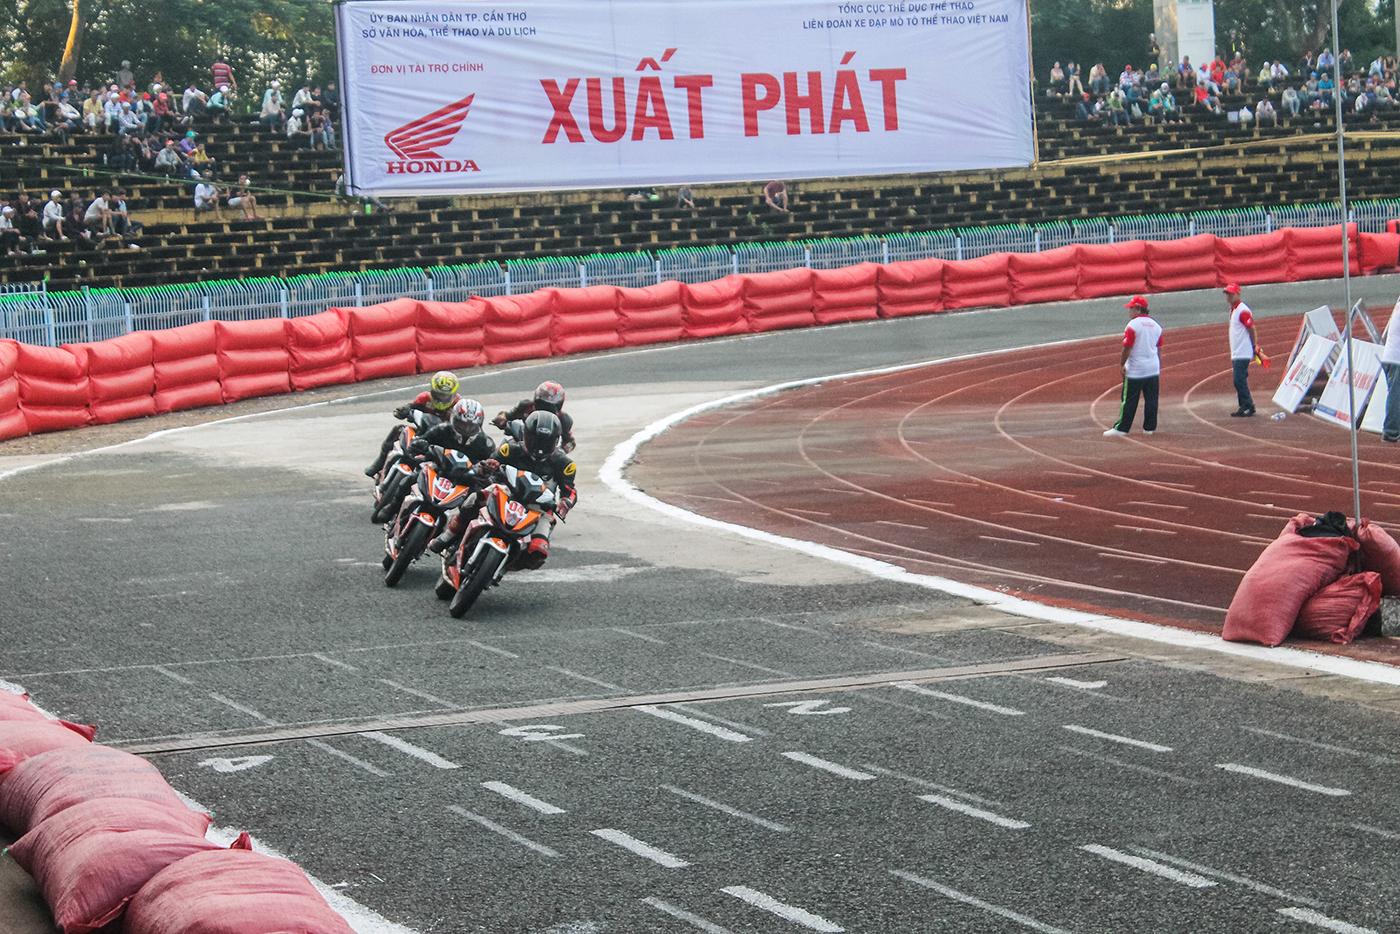 honda-vietnam-3.jpg